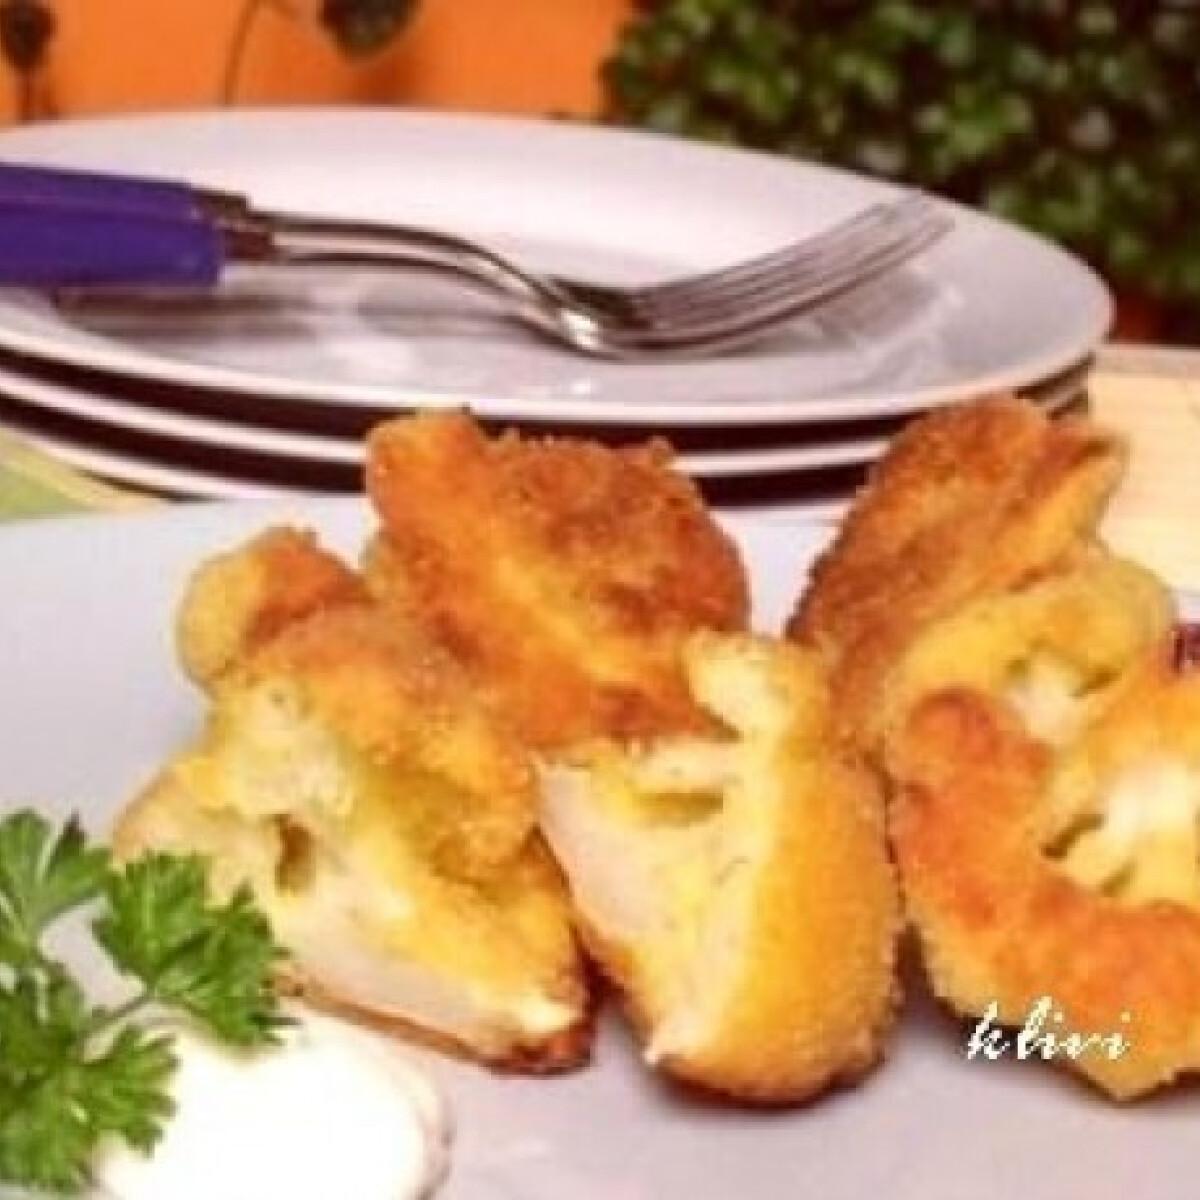 Ezen a képen: Sütőben sült rántott karfiol